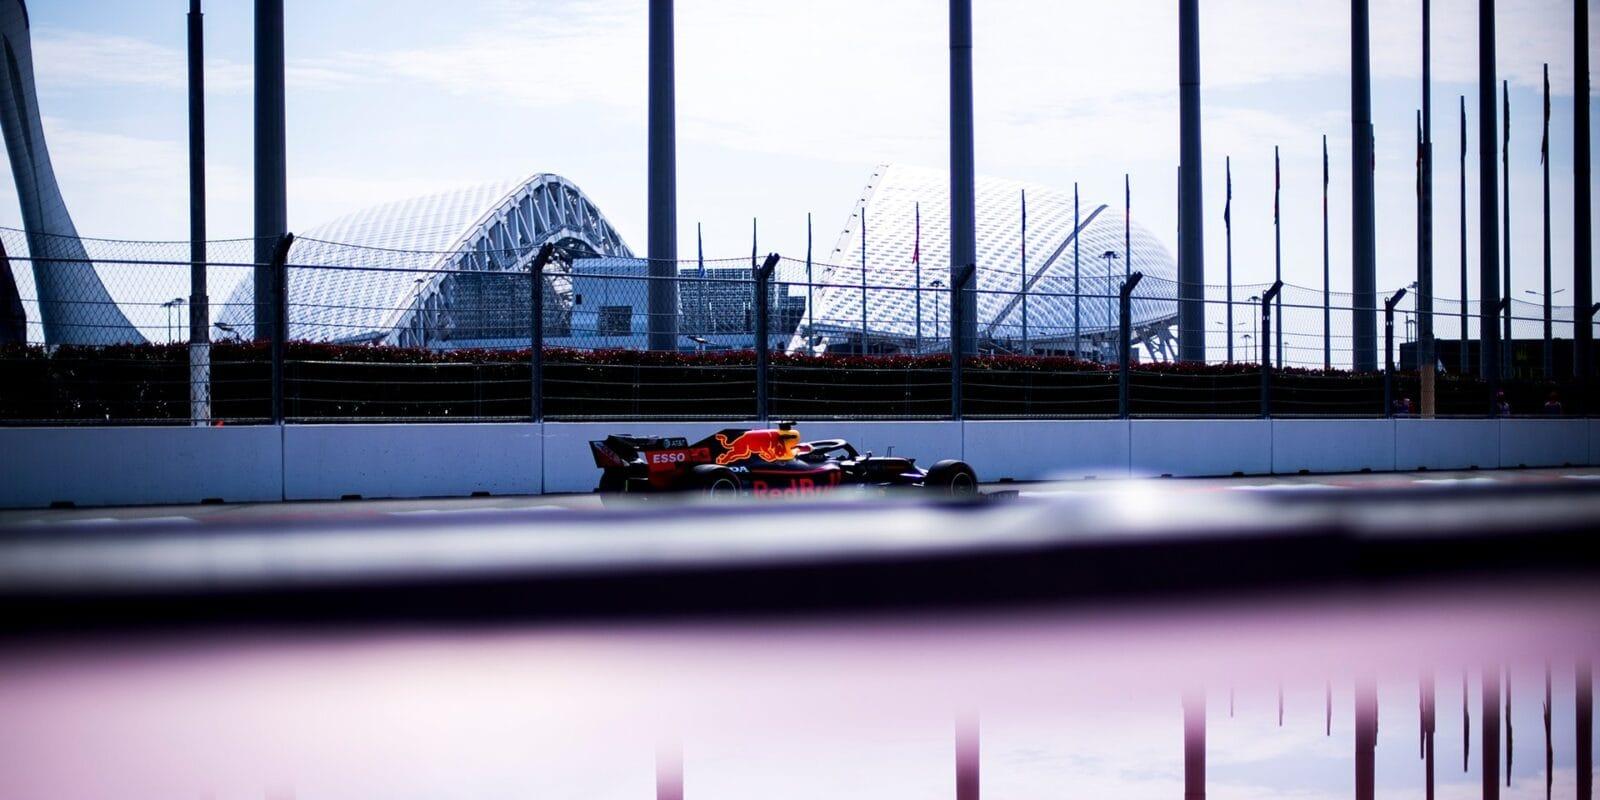 Honda po problému s Verstappenem provádí úpravy motoru